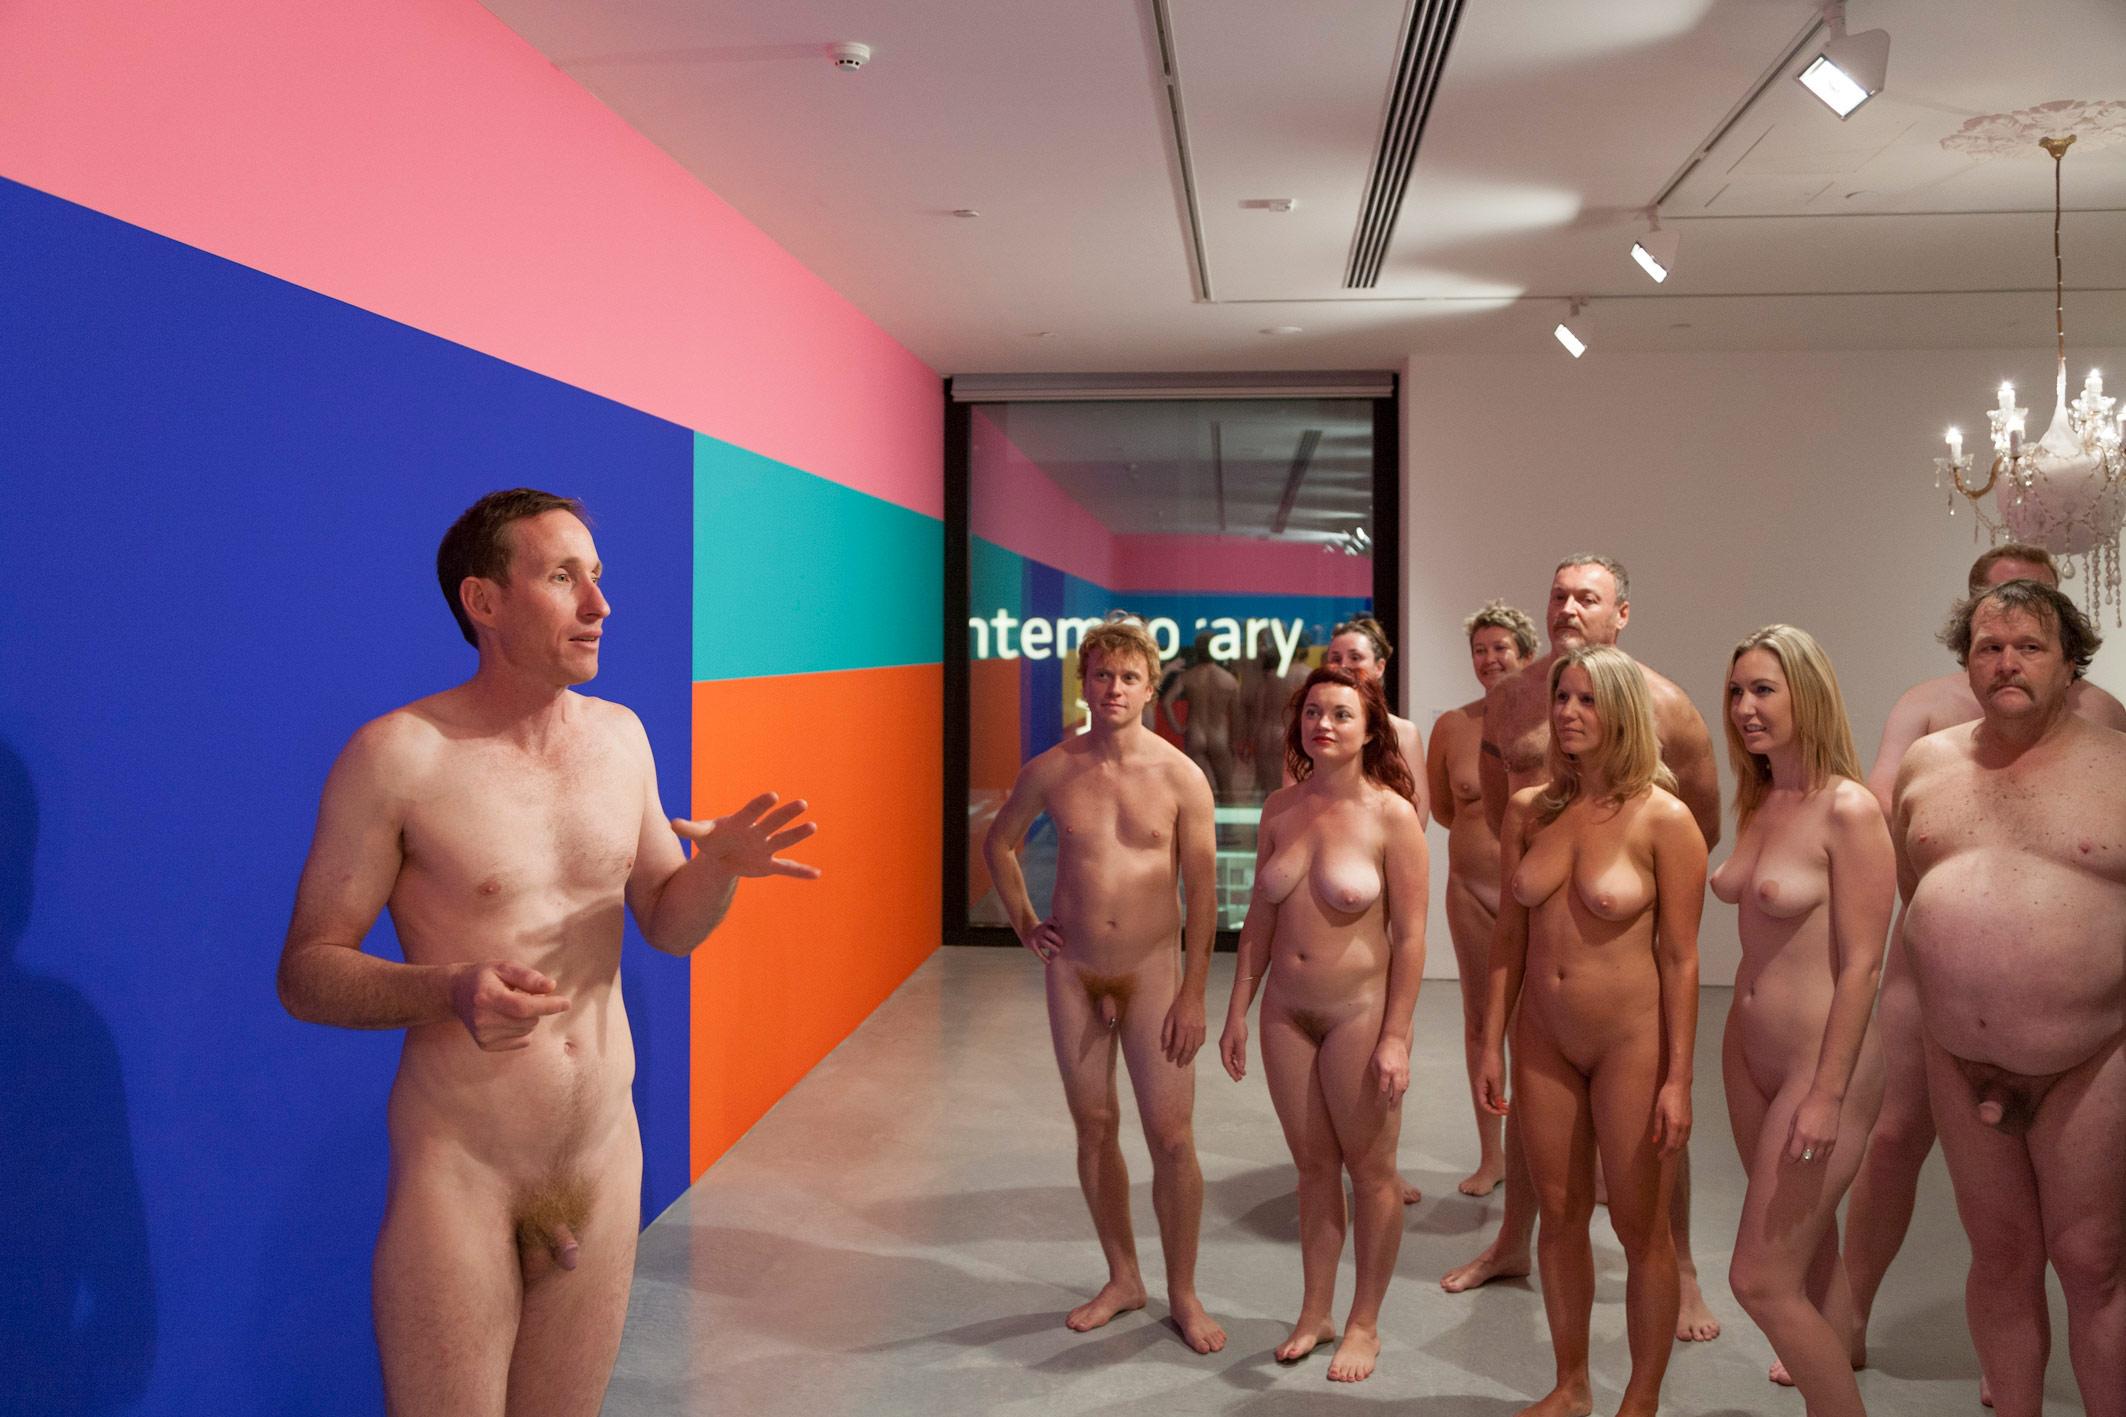 Nudi al museo: a Milano, per la prima volta in Italia, arriva una visita guidata nudista, aperta a tutti